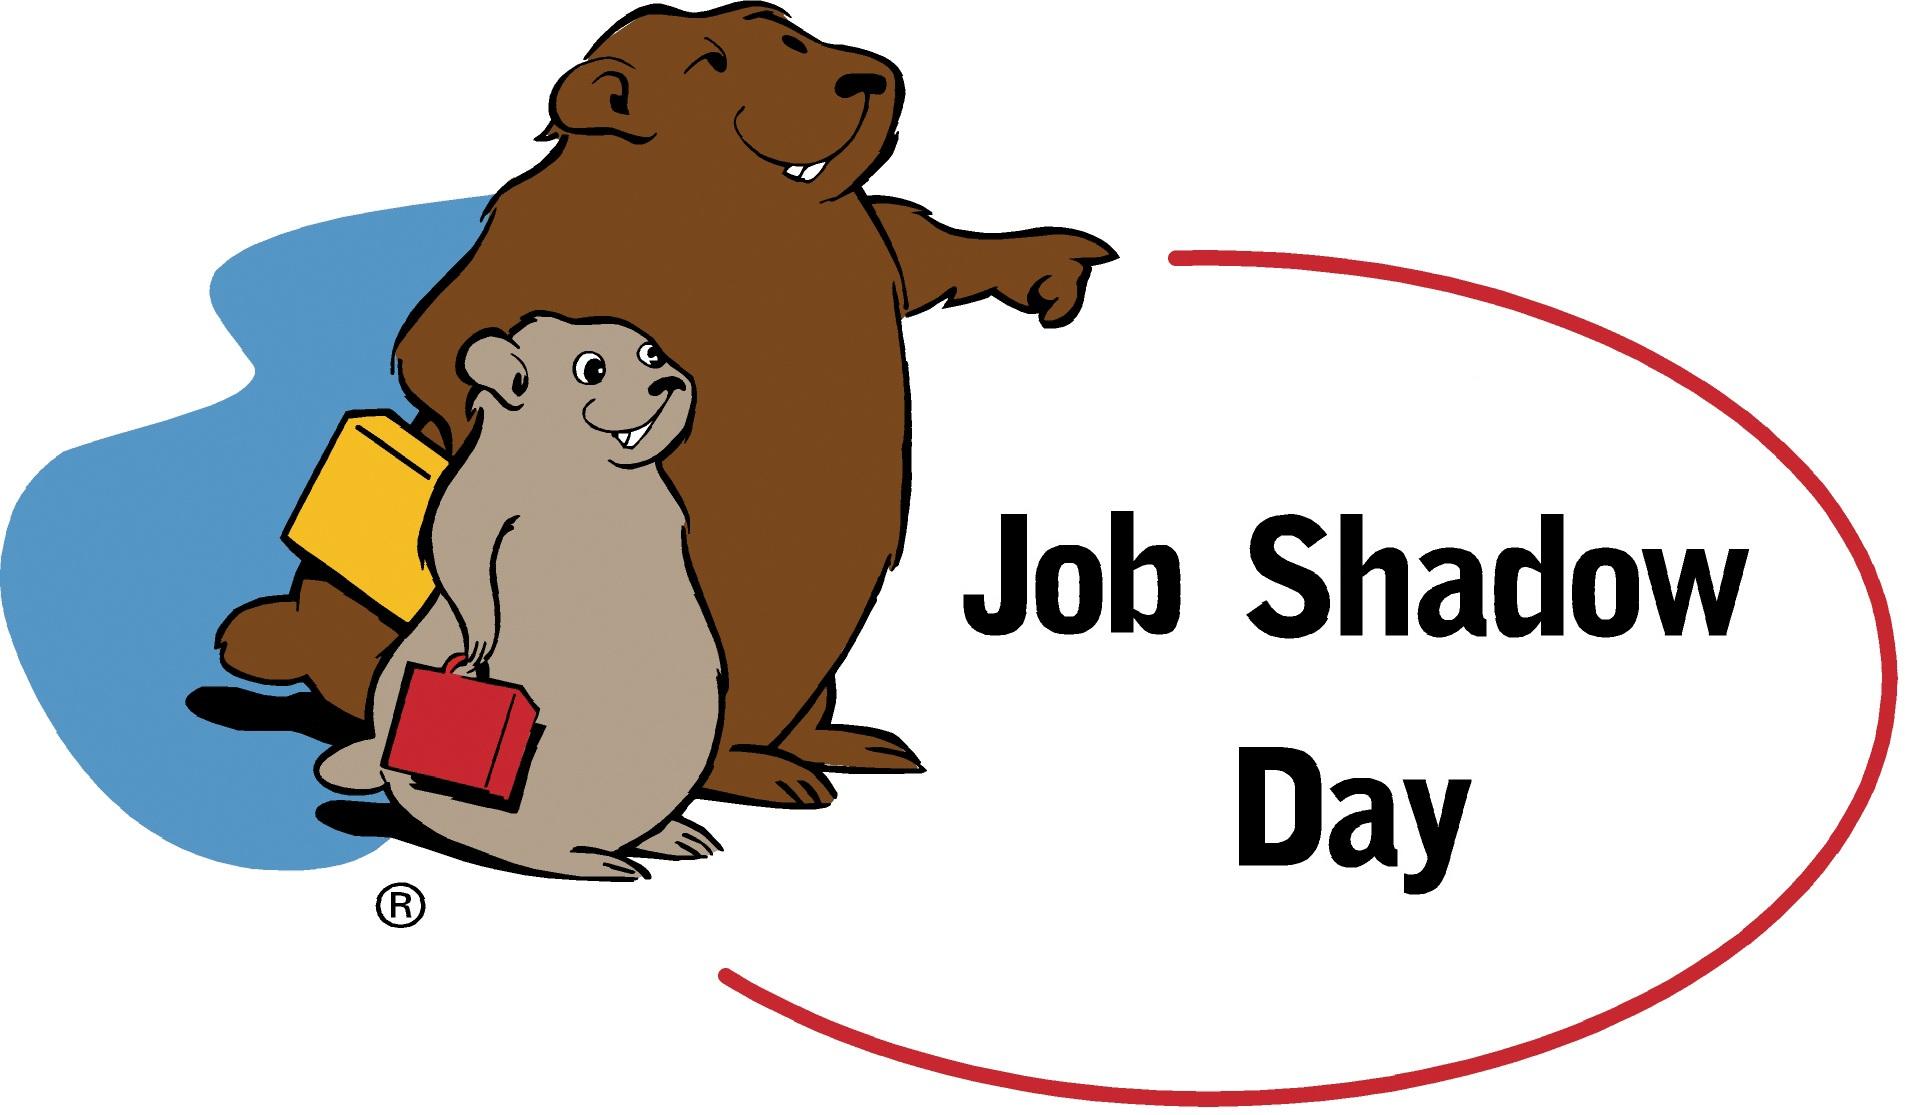 Job Shadow Day 2013